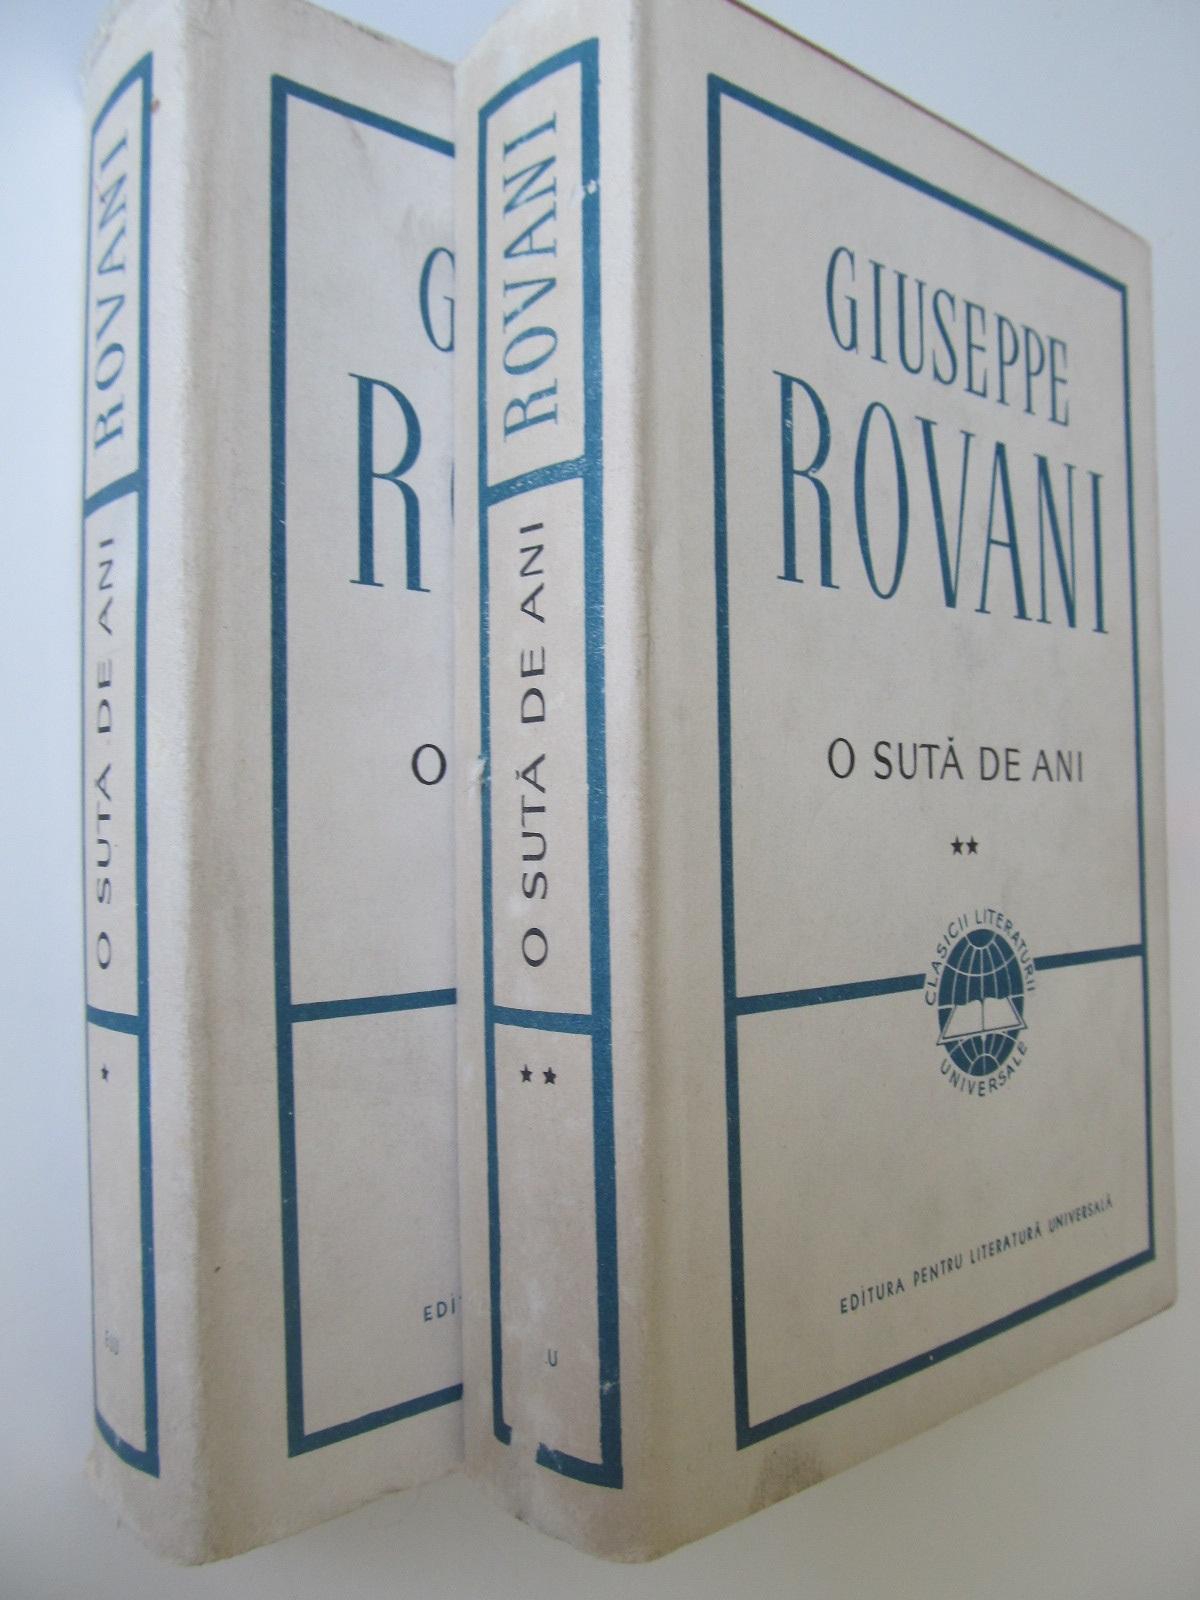 O suta de ani (2 vol.) - cartonat cu supracoperta - Giuseppe Rovani | Detalii carte